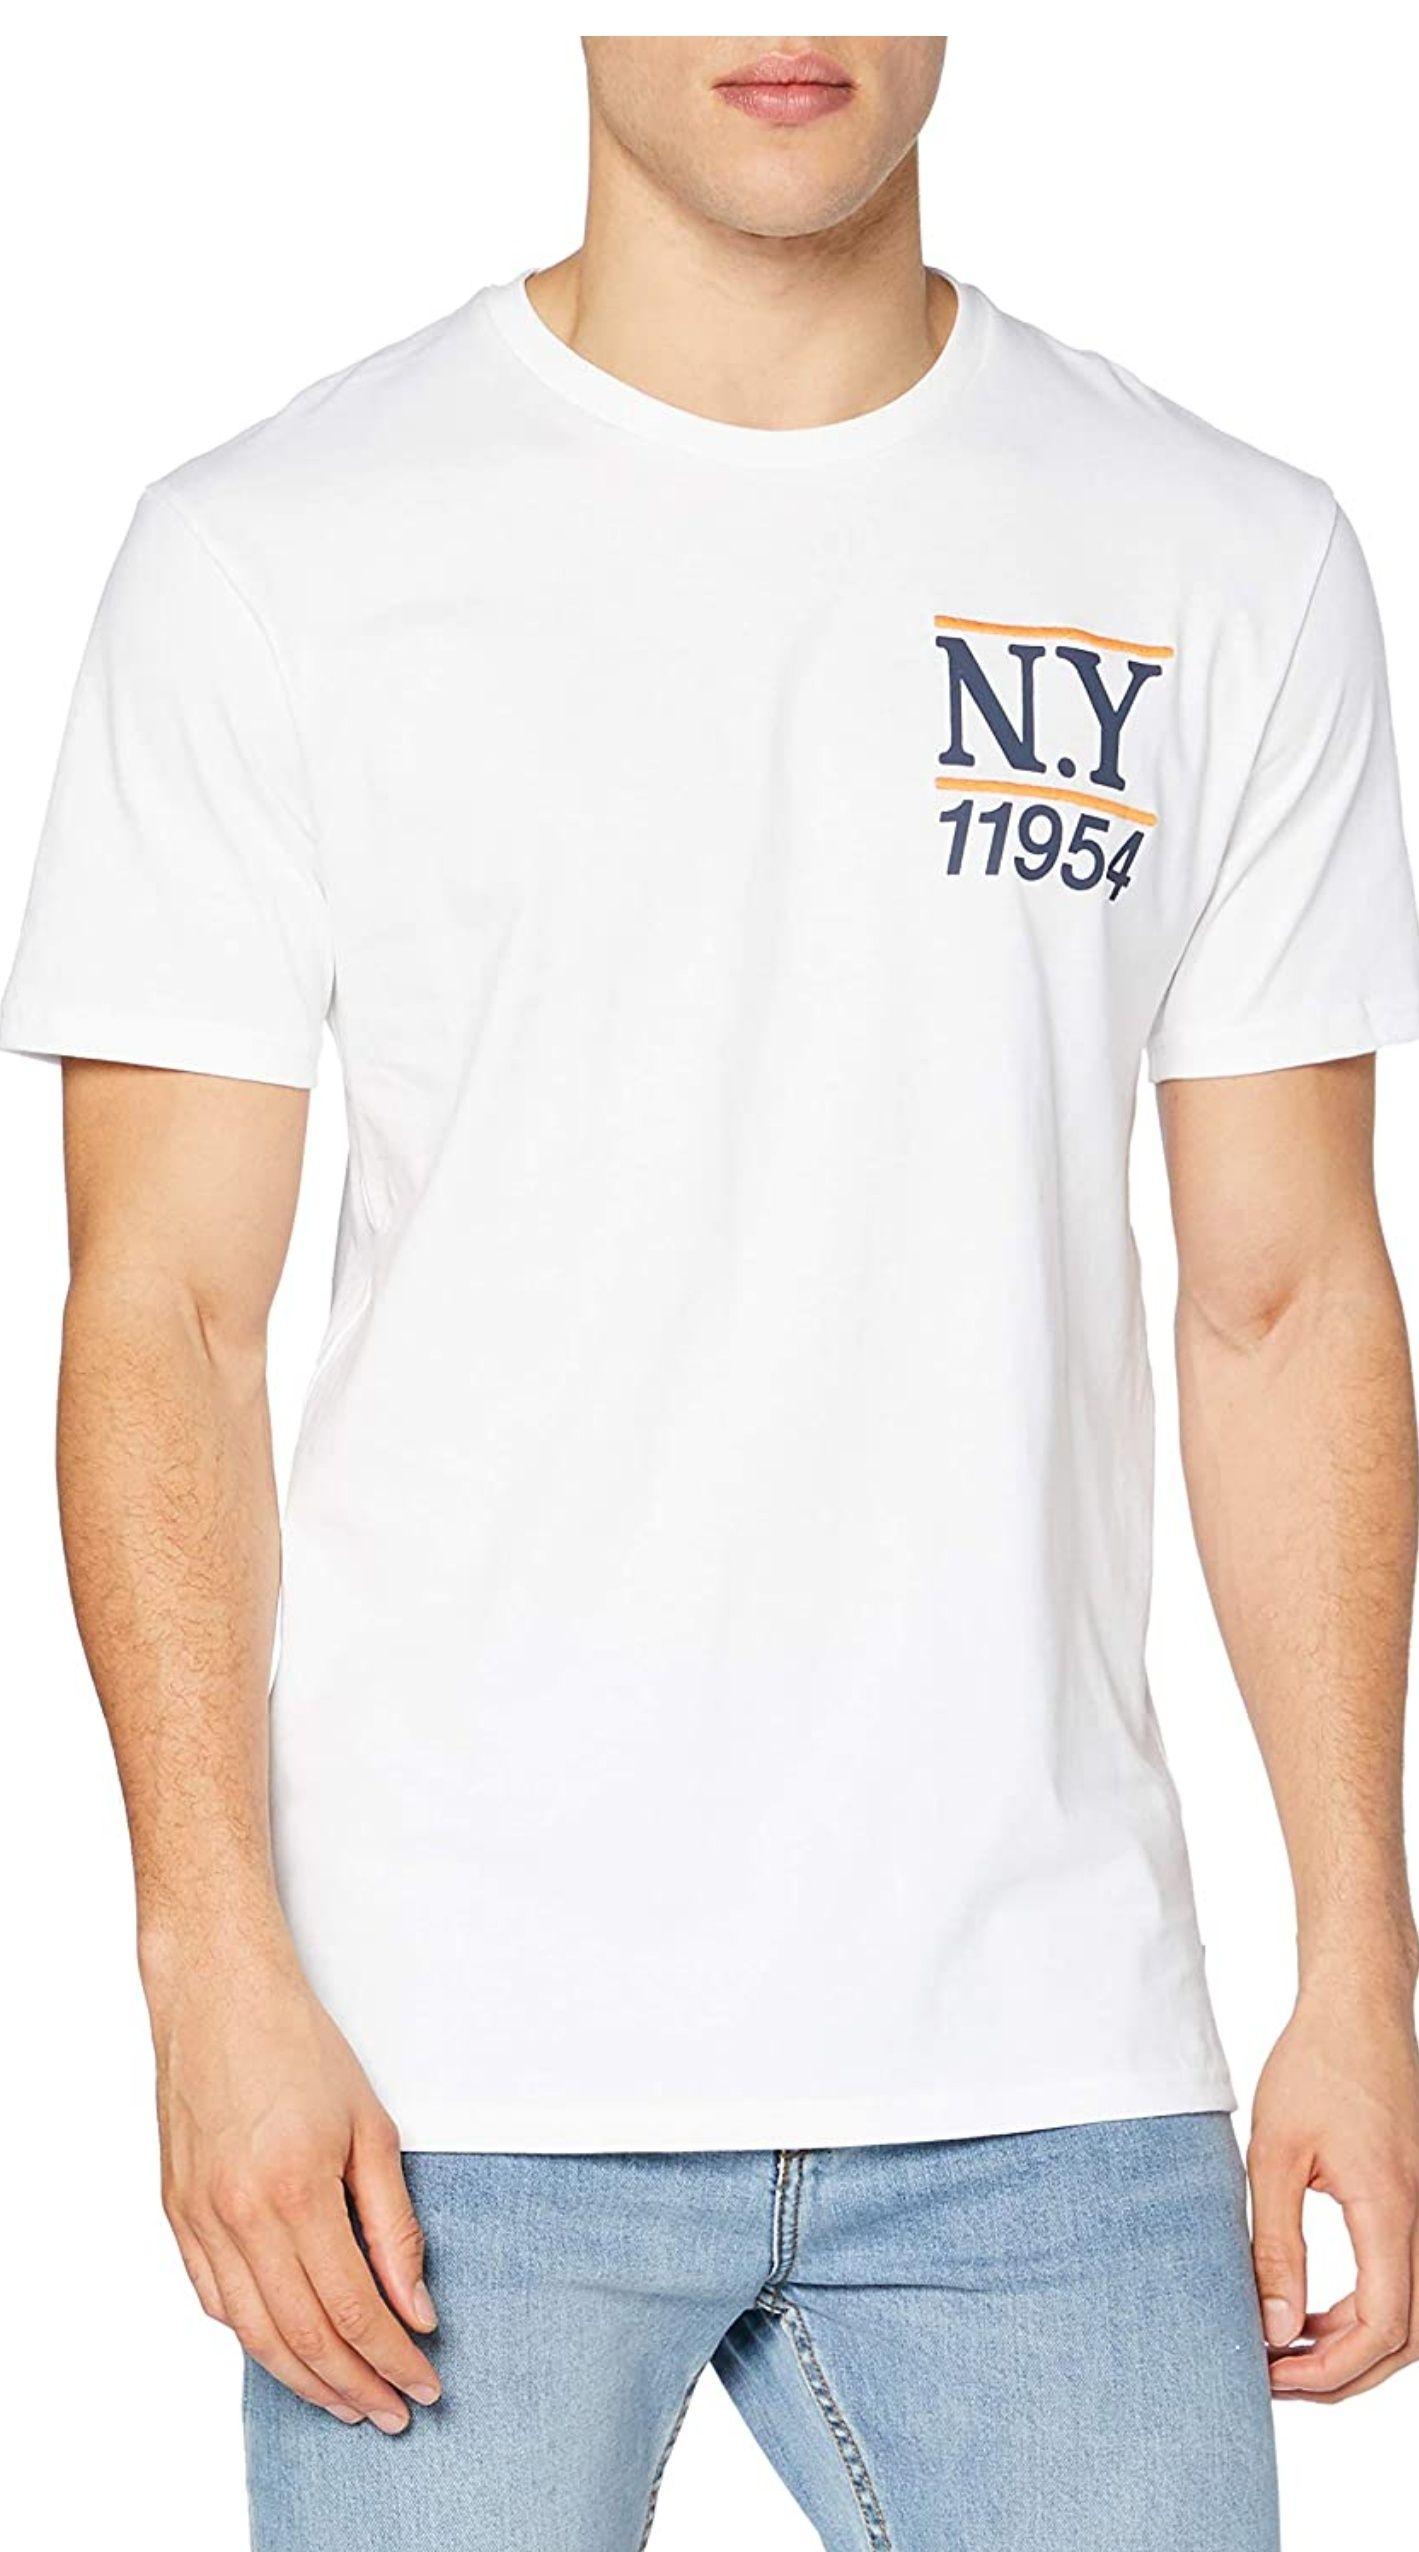 Superdry T-shirt voor €8,99 (maat M-XL) @ Amazon.nl